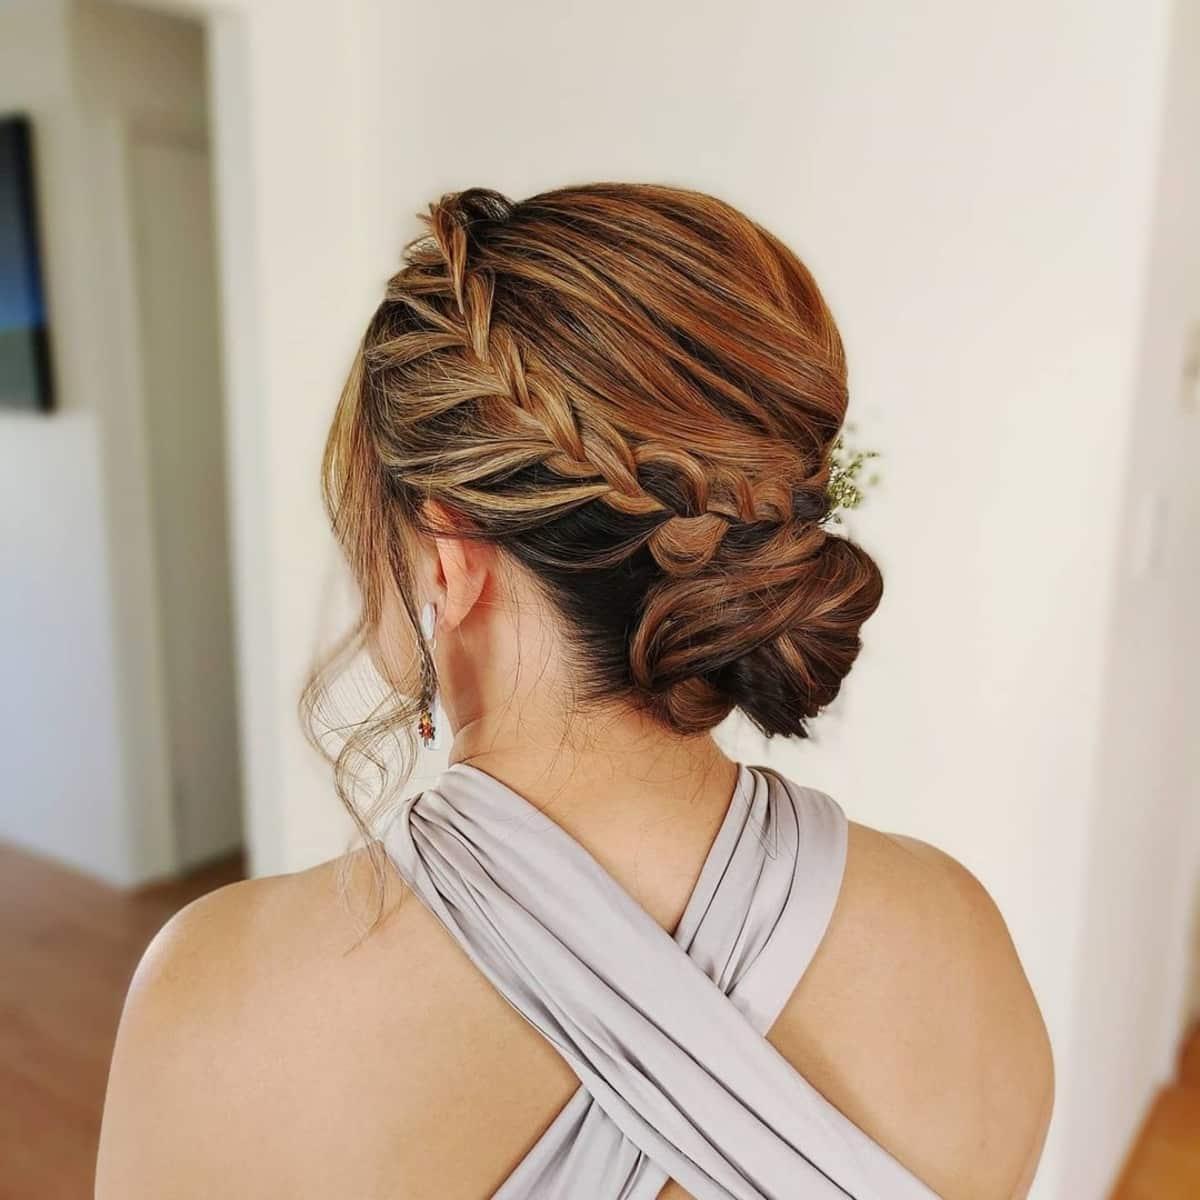 Updo trenzado simple para cabello largo